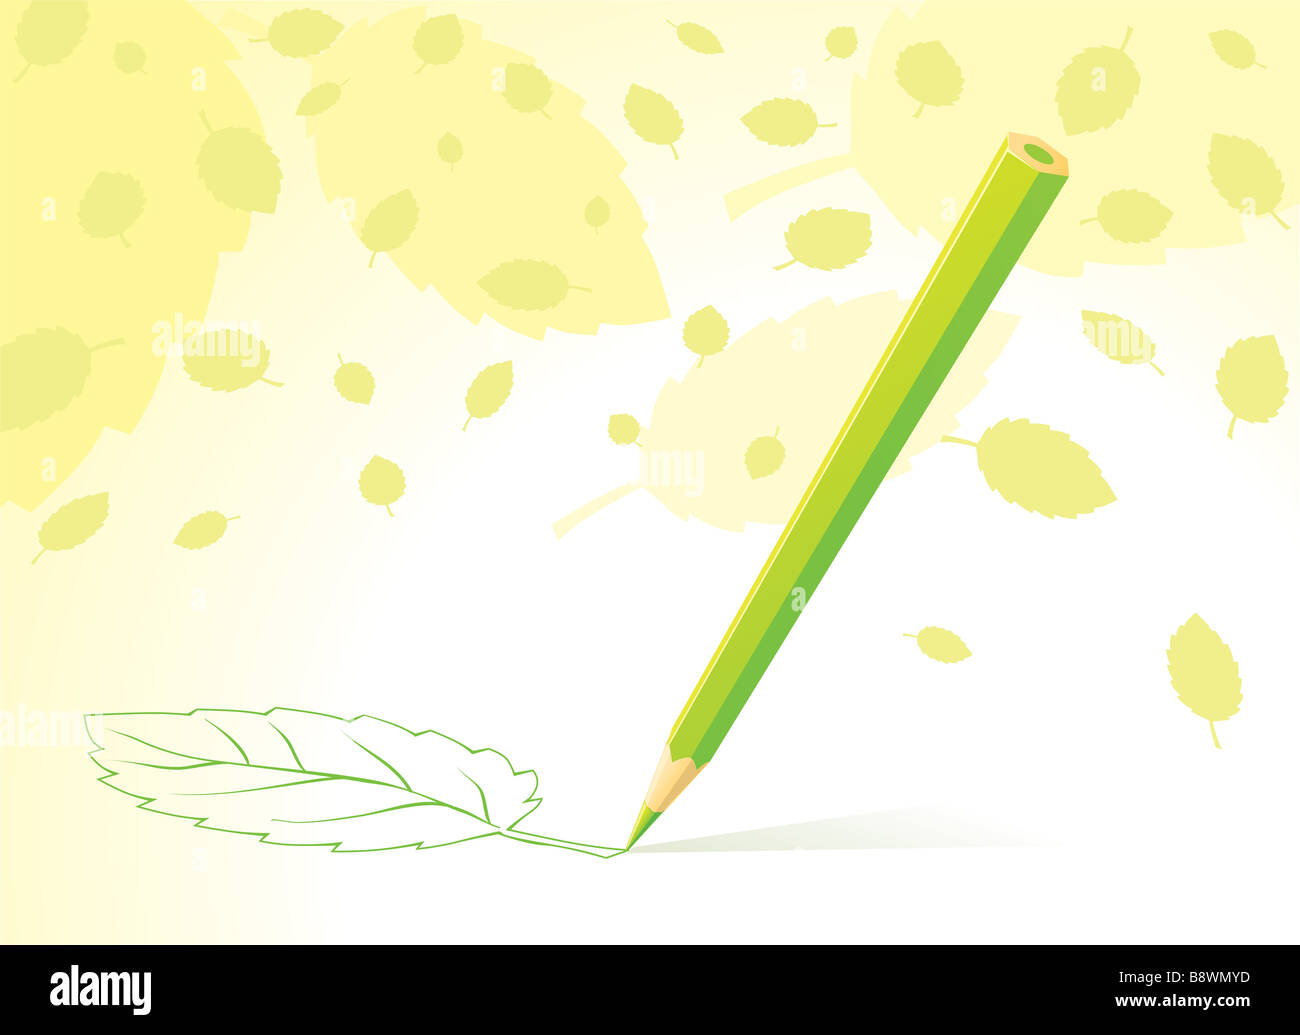 Illustrazione del disegno a matita verde foglia Immagini Stock